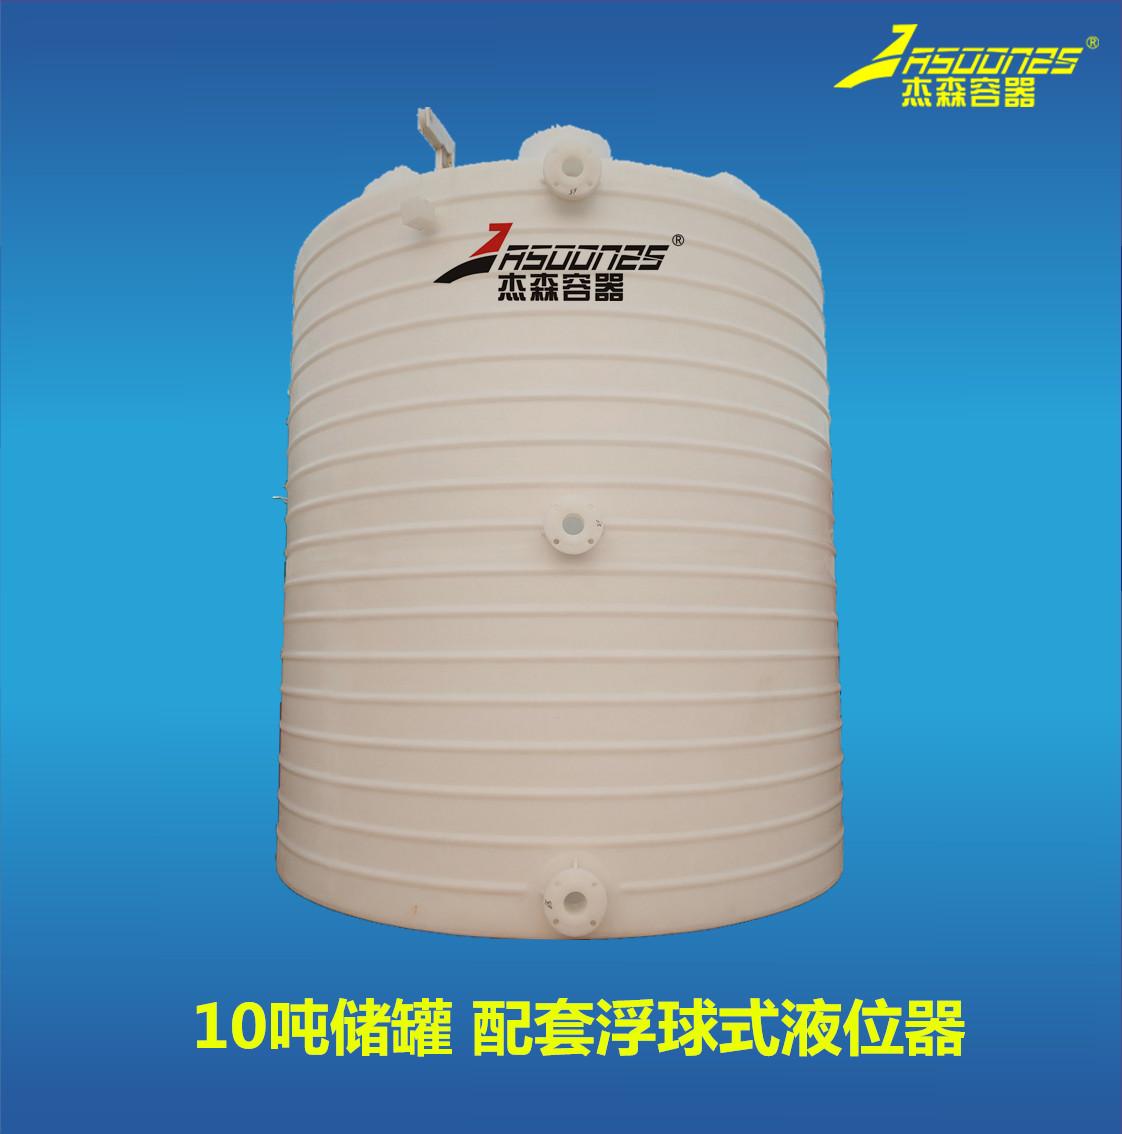 10吨配套浮球式液位器